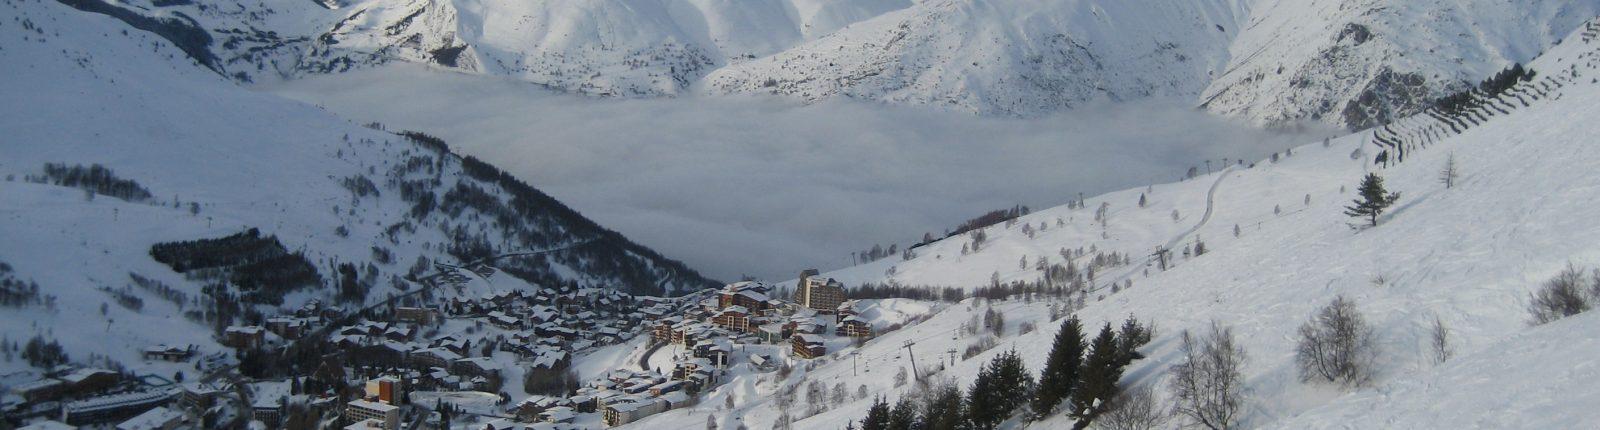 Les 2 Alpes (Mars 2018)